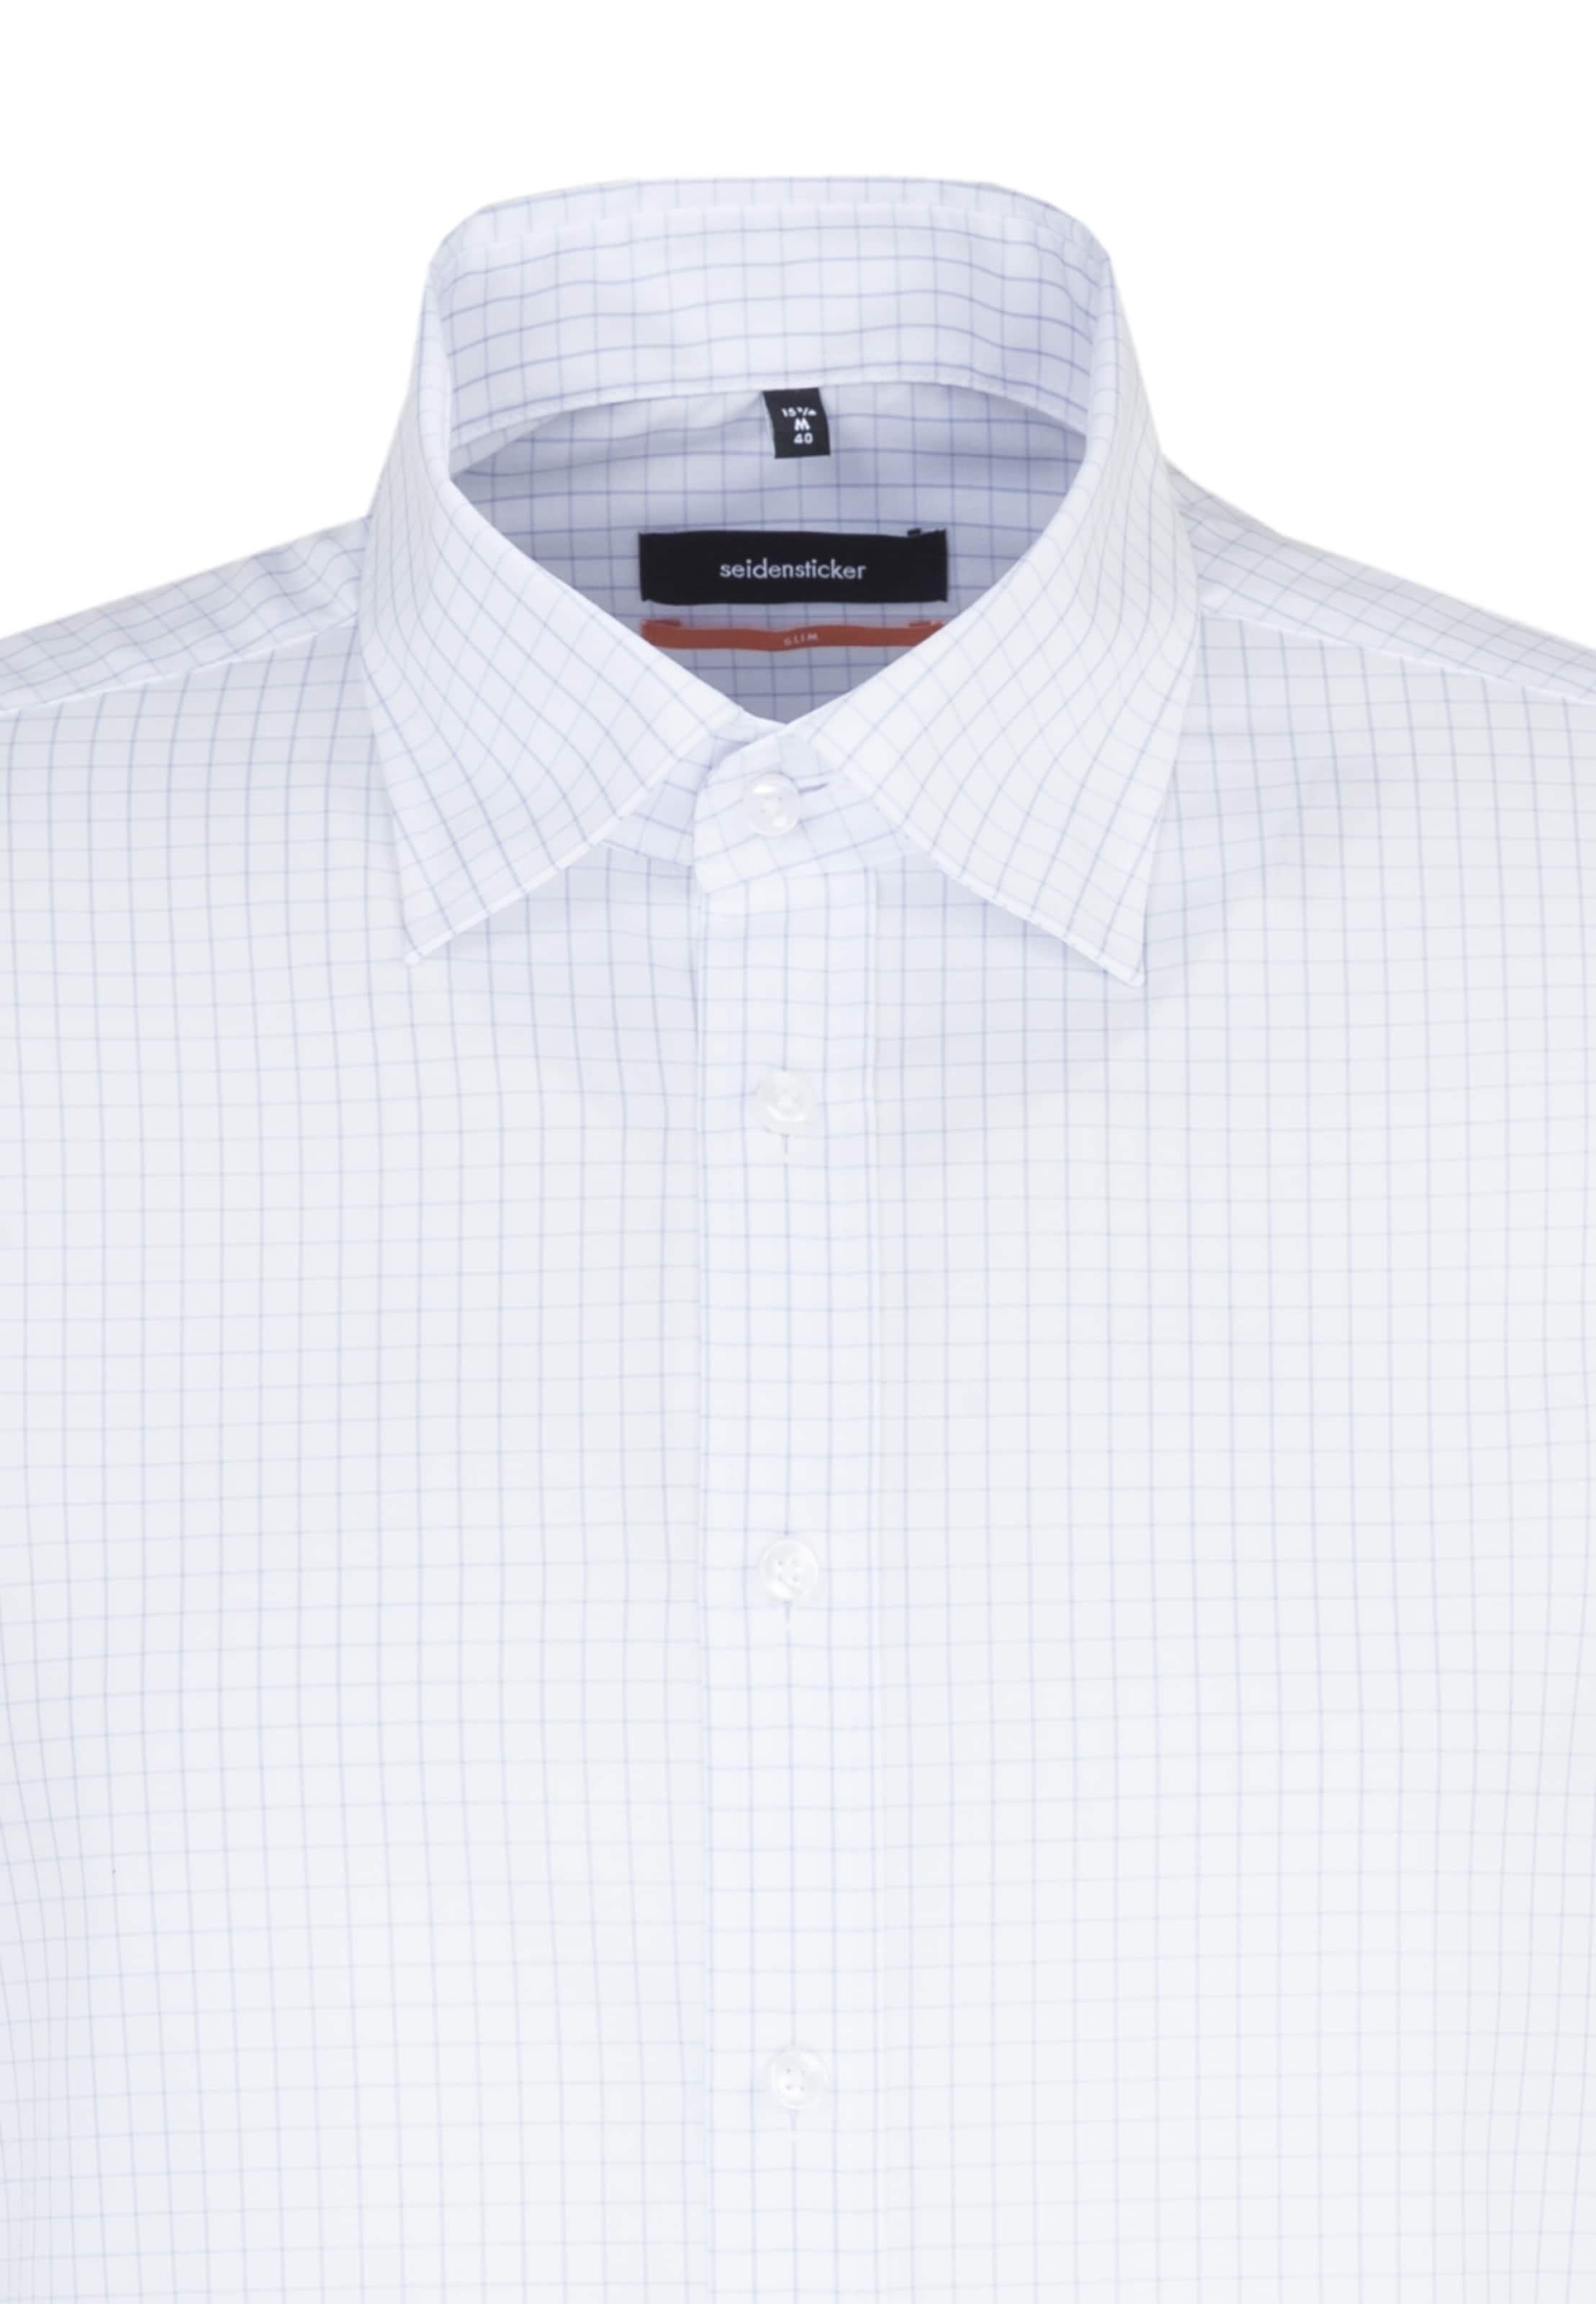 In Hemd TaubenblauWeiß Seidensticker Hemd Hemd TaubenblauWeiß In Seidensticker In Seidensticker TaubenblauWeiß yg76fbvY